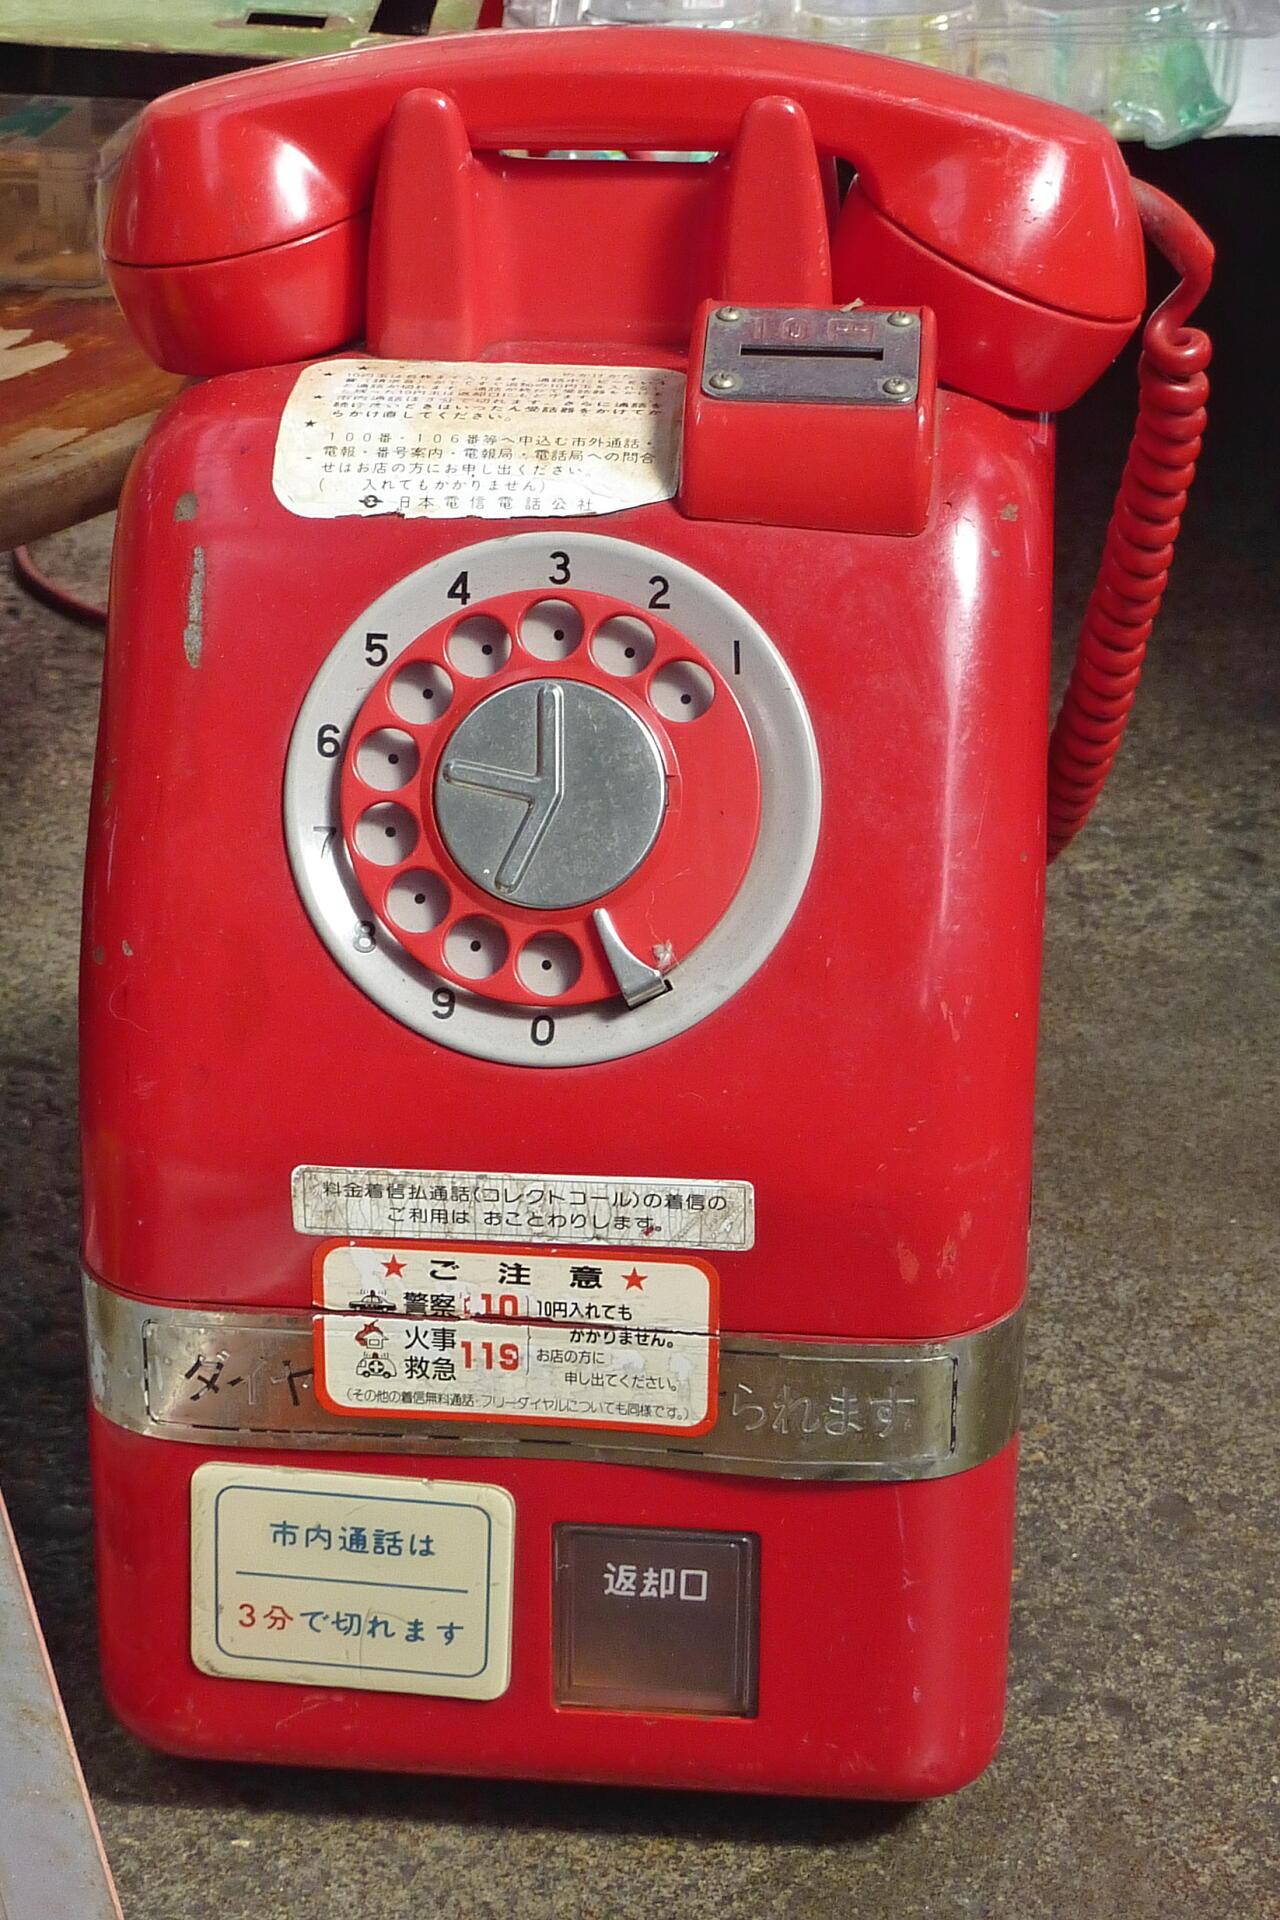 電信 電話 公社 日本